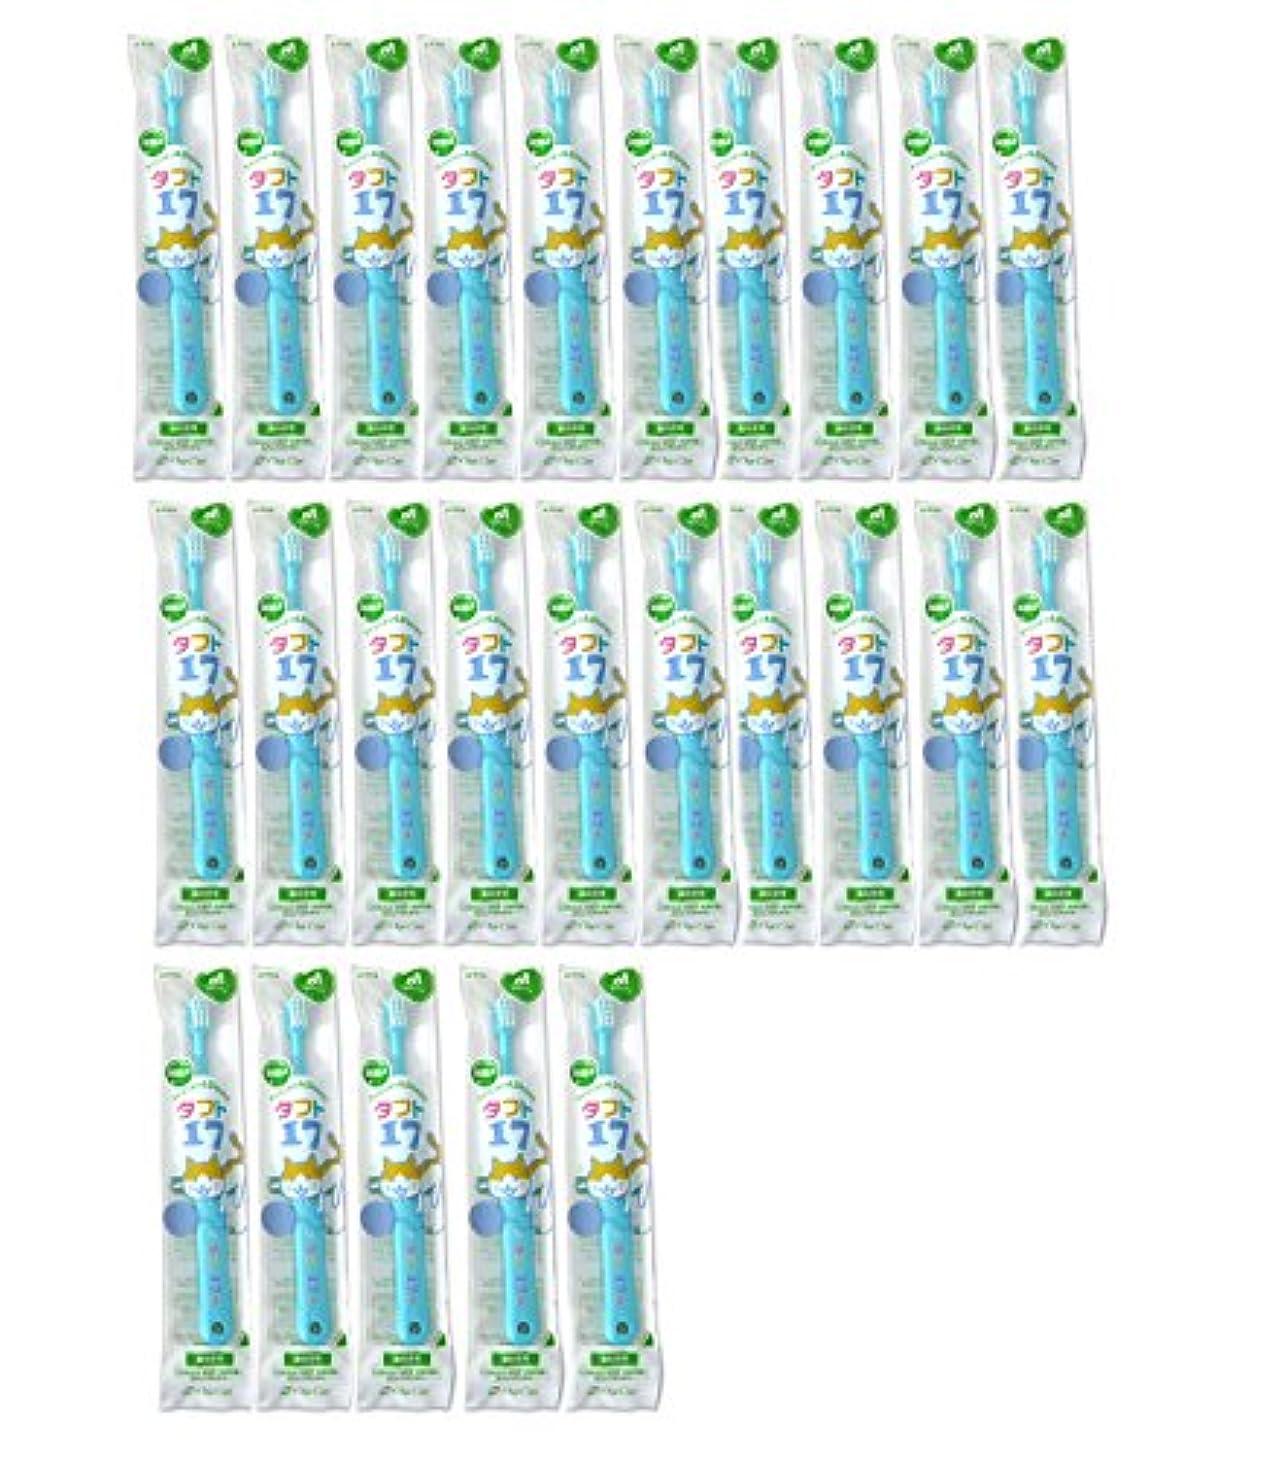 ベンチャー歪めるバラバラにするタフト17 25本 オーラルケア 【タフト17/ミディアム 子供】 乳歯列(1~7歳用)こども歯ブラシ便不 ブルー